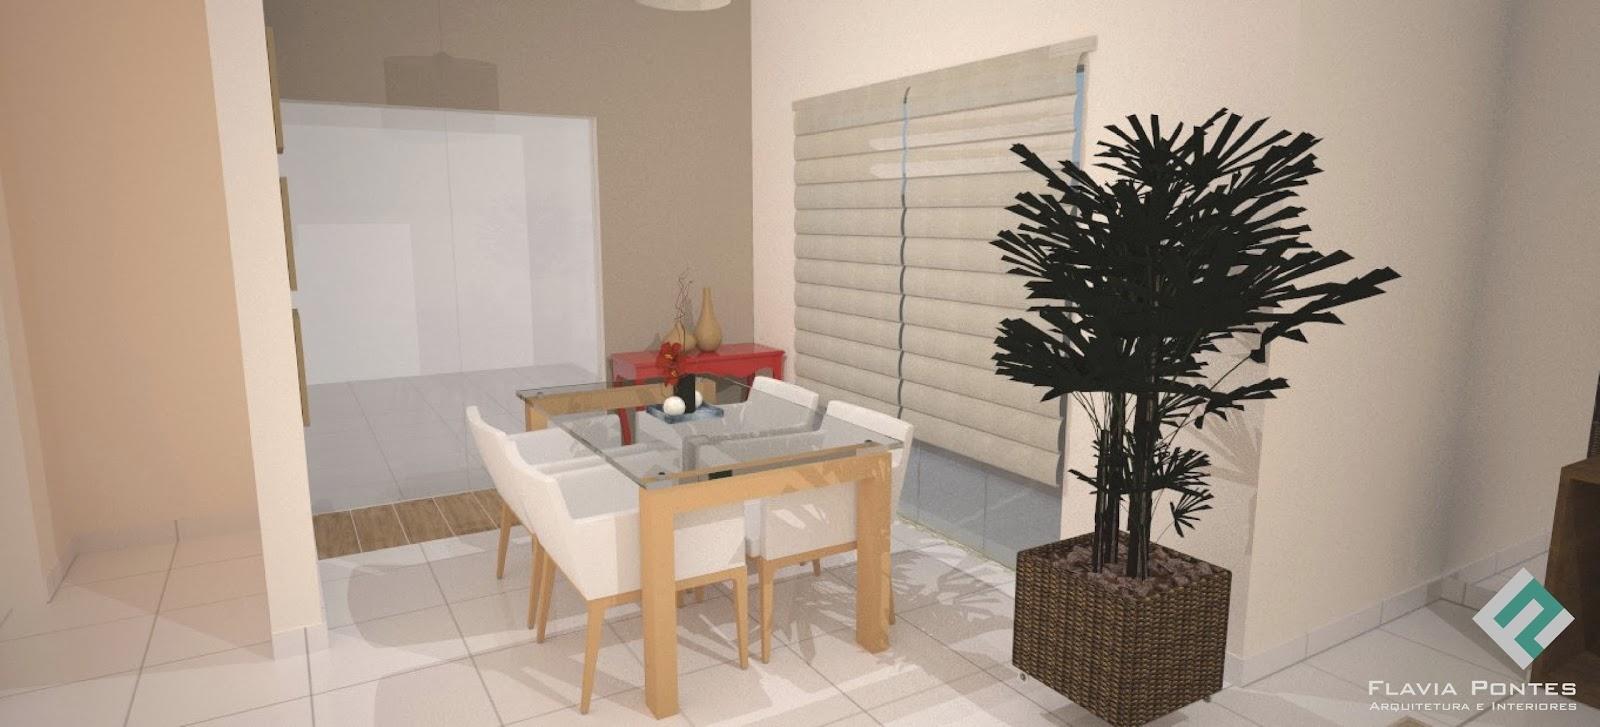 Sala Jantar Estar Pequena ~ Ao lado do rack que ocupa quase toda a parede da sala de estar, faixas